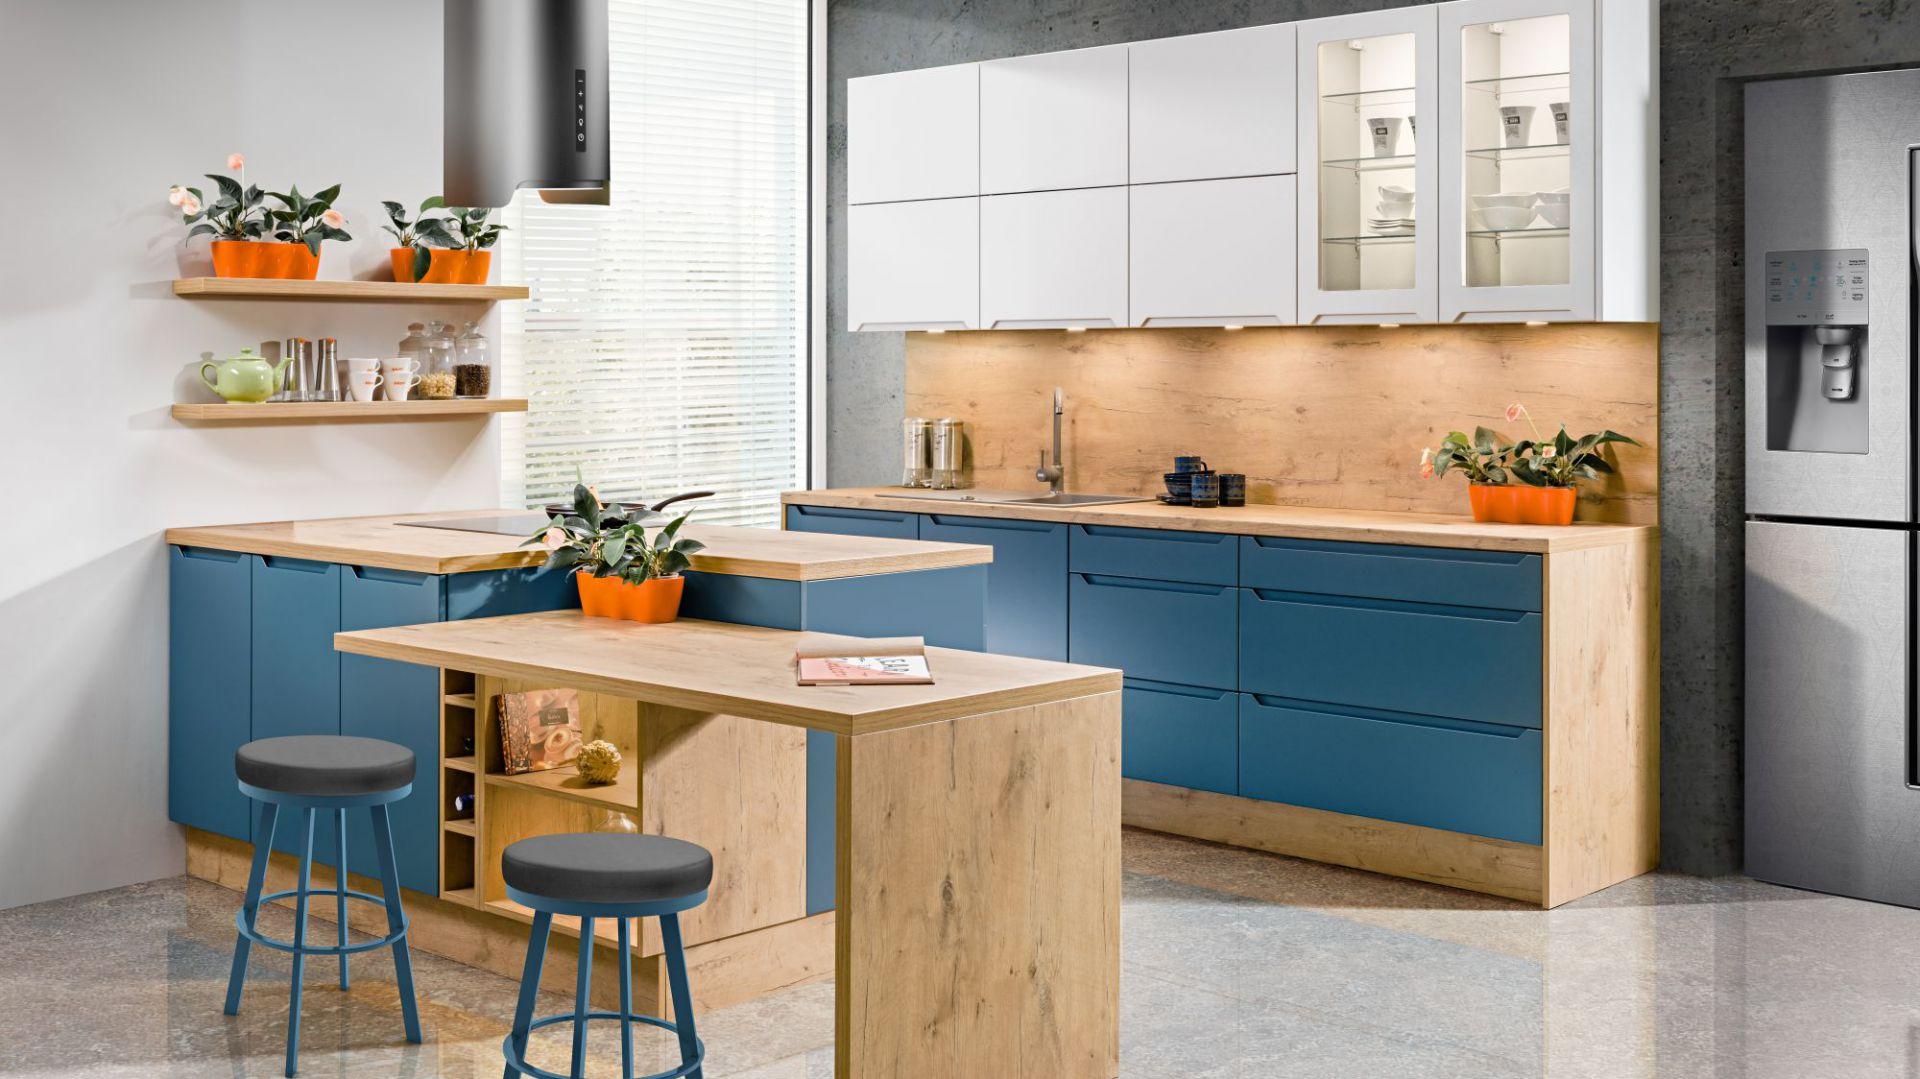 Dynamiczny niebieski w zestawieniu z jasnym drewnem, z wyraźnie zaznaczonym usłojeniem sprawia, że zabudowa kuchenna prezentuje się niezwykle efektownie. Fot. Spółka Meblowa KAM